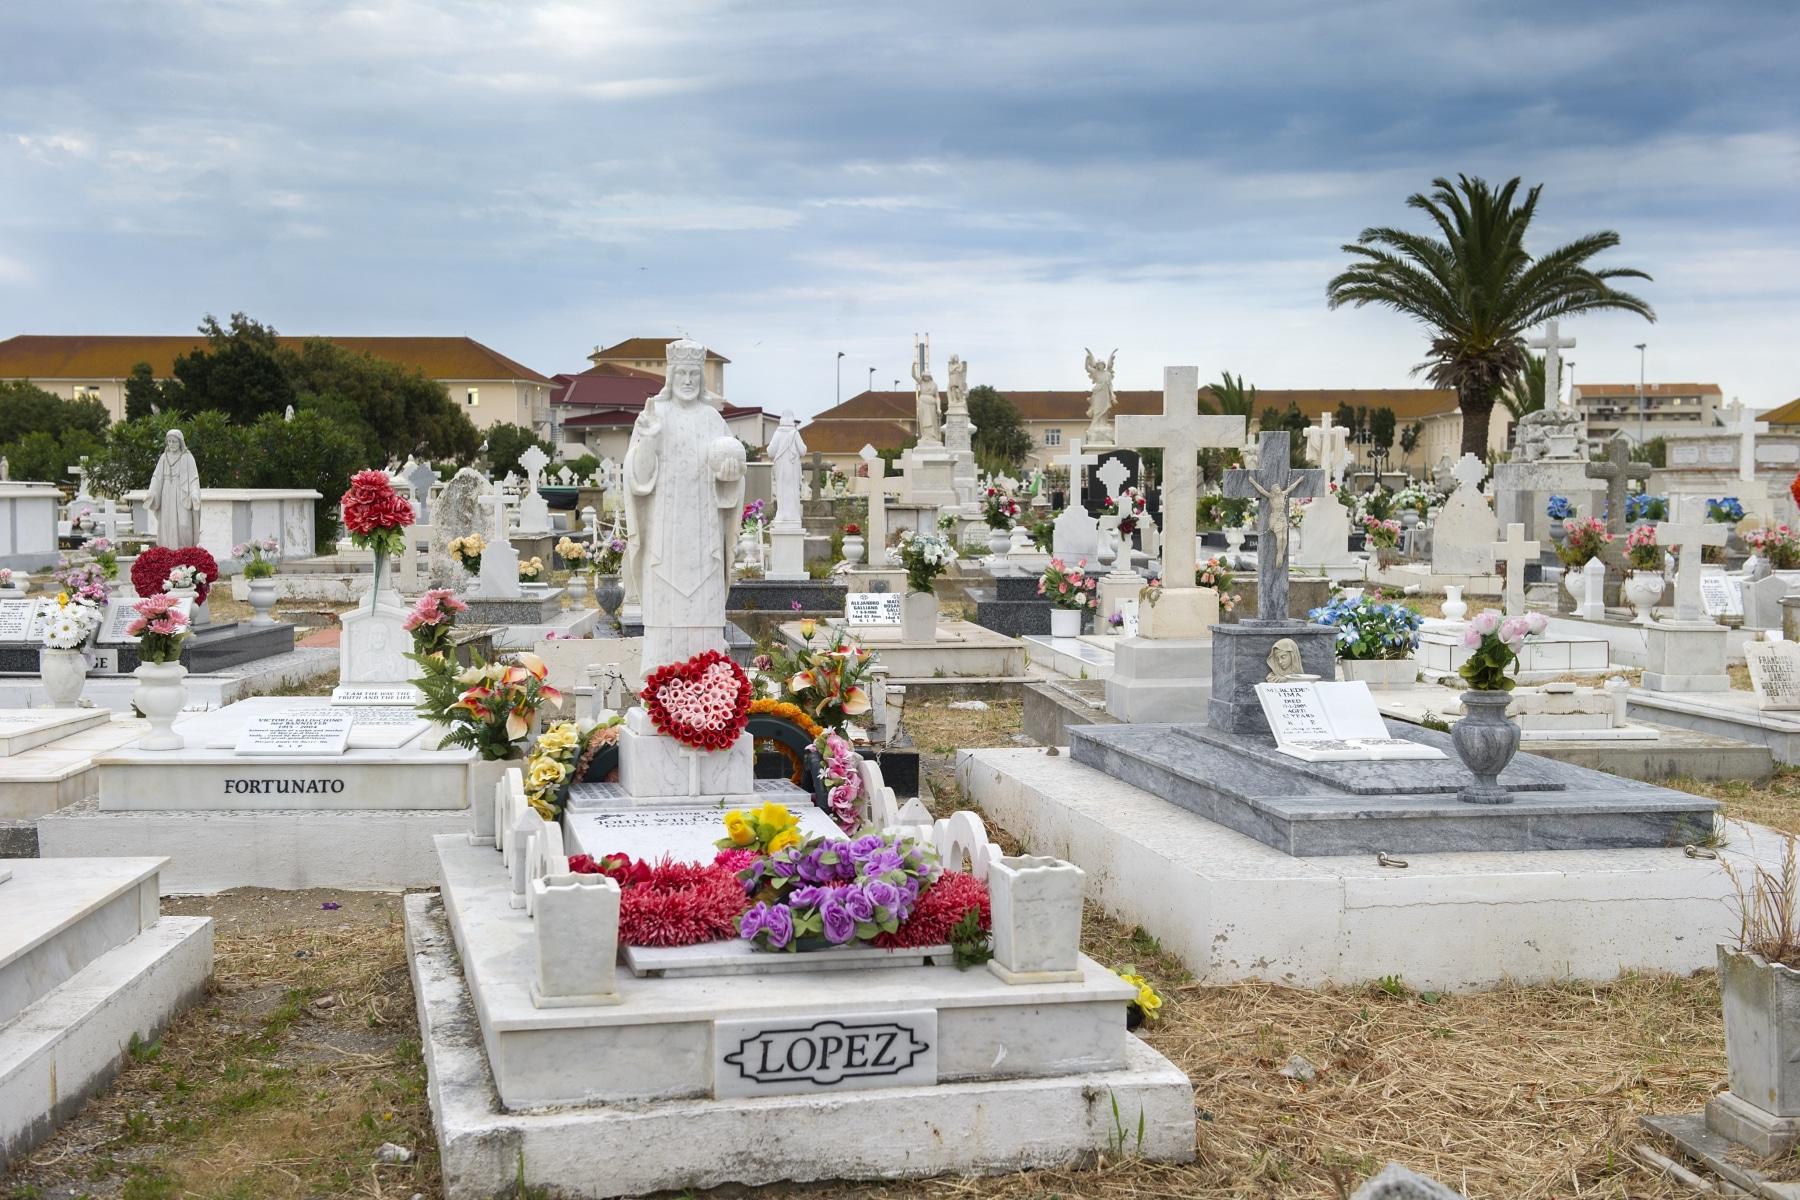 cementerio-catolico-gibraltar-03_9222237105_o